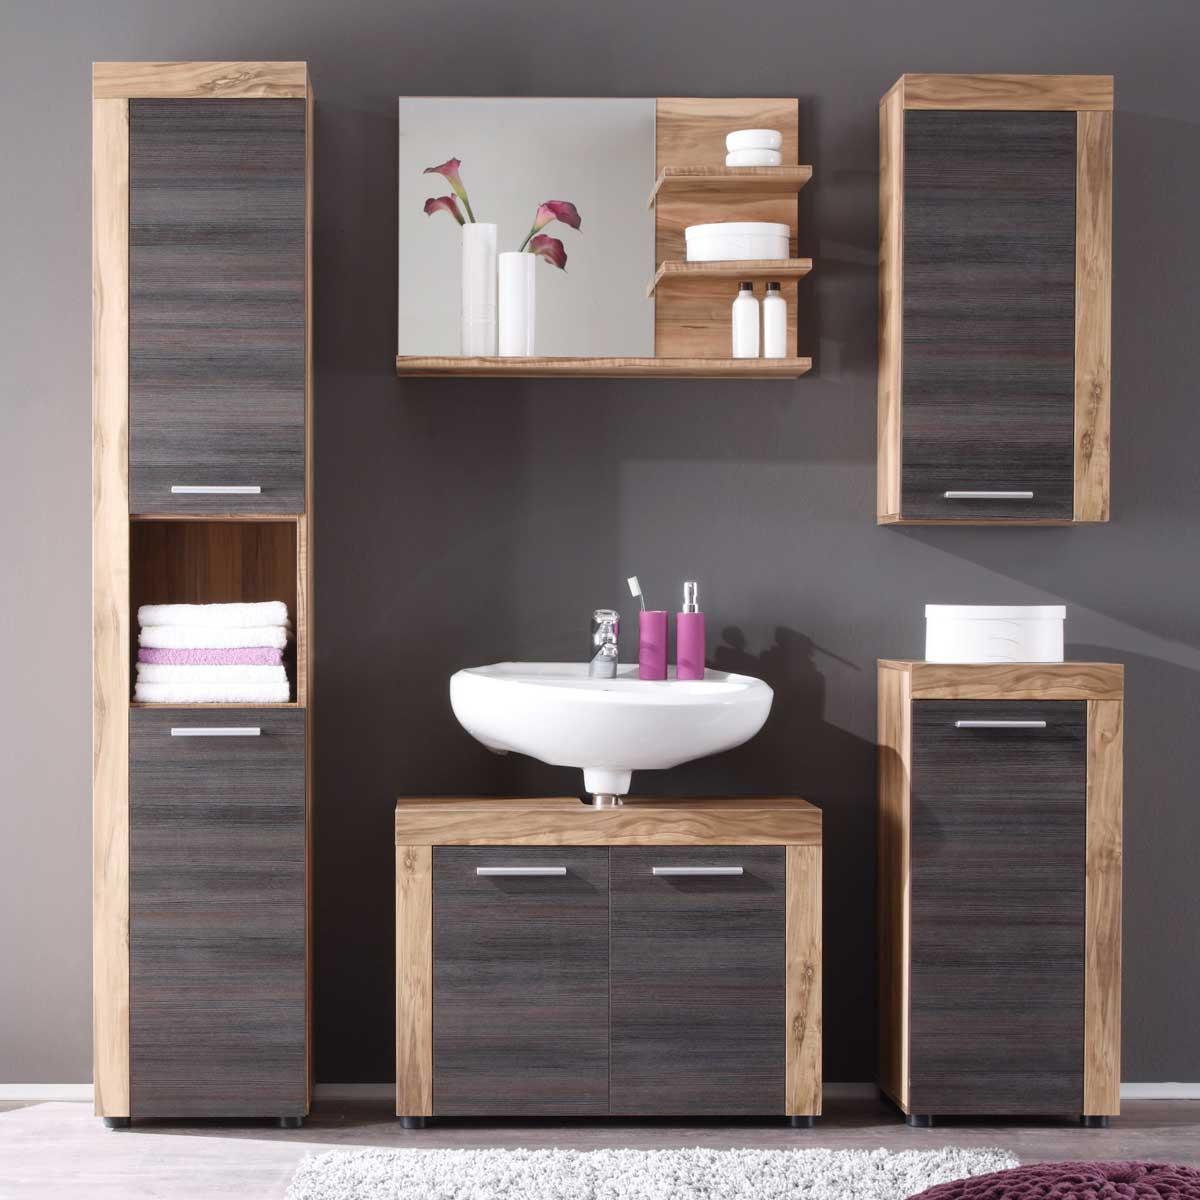 badezimmer cancun badm bel sets mit spiegel nussbaum satin touchwood ebay. Black Bedroom Furniture Sets. Home Design Ideas